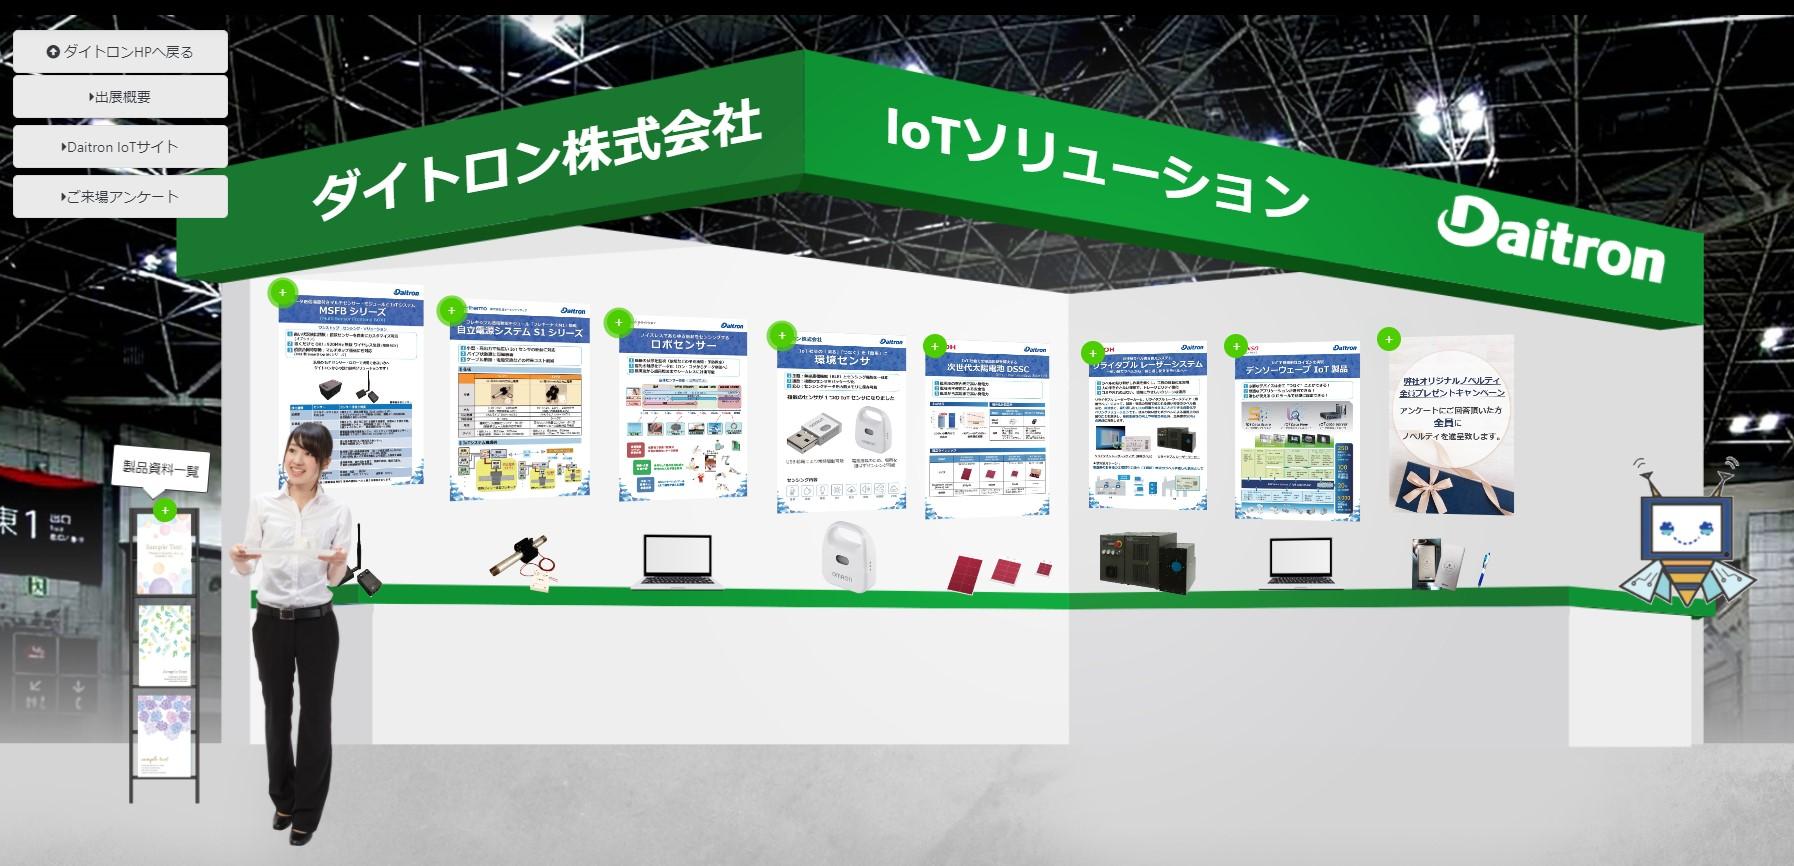 IoTwebexpo2021.7.jpg